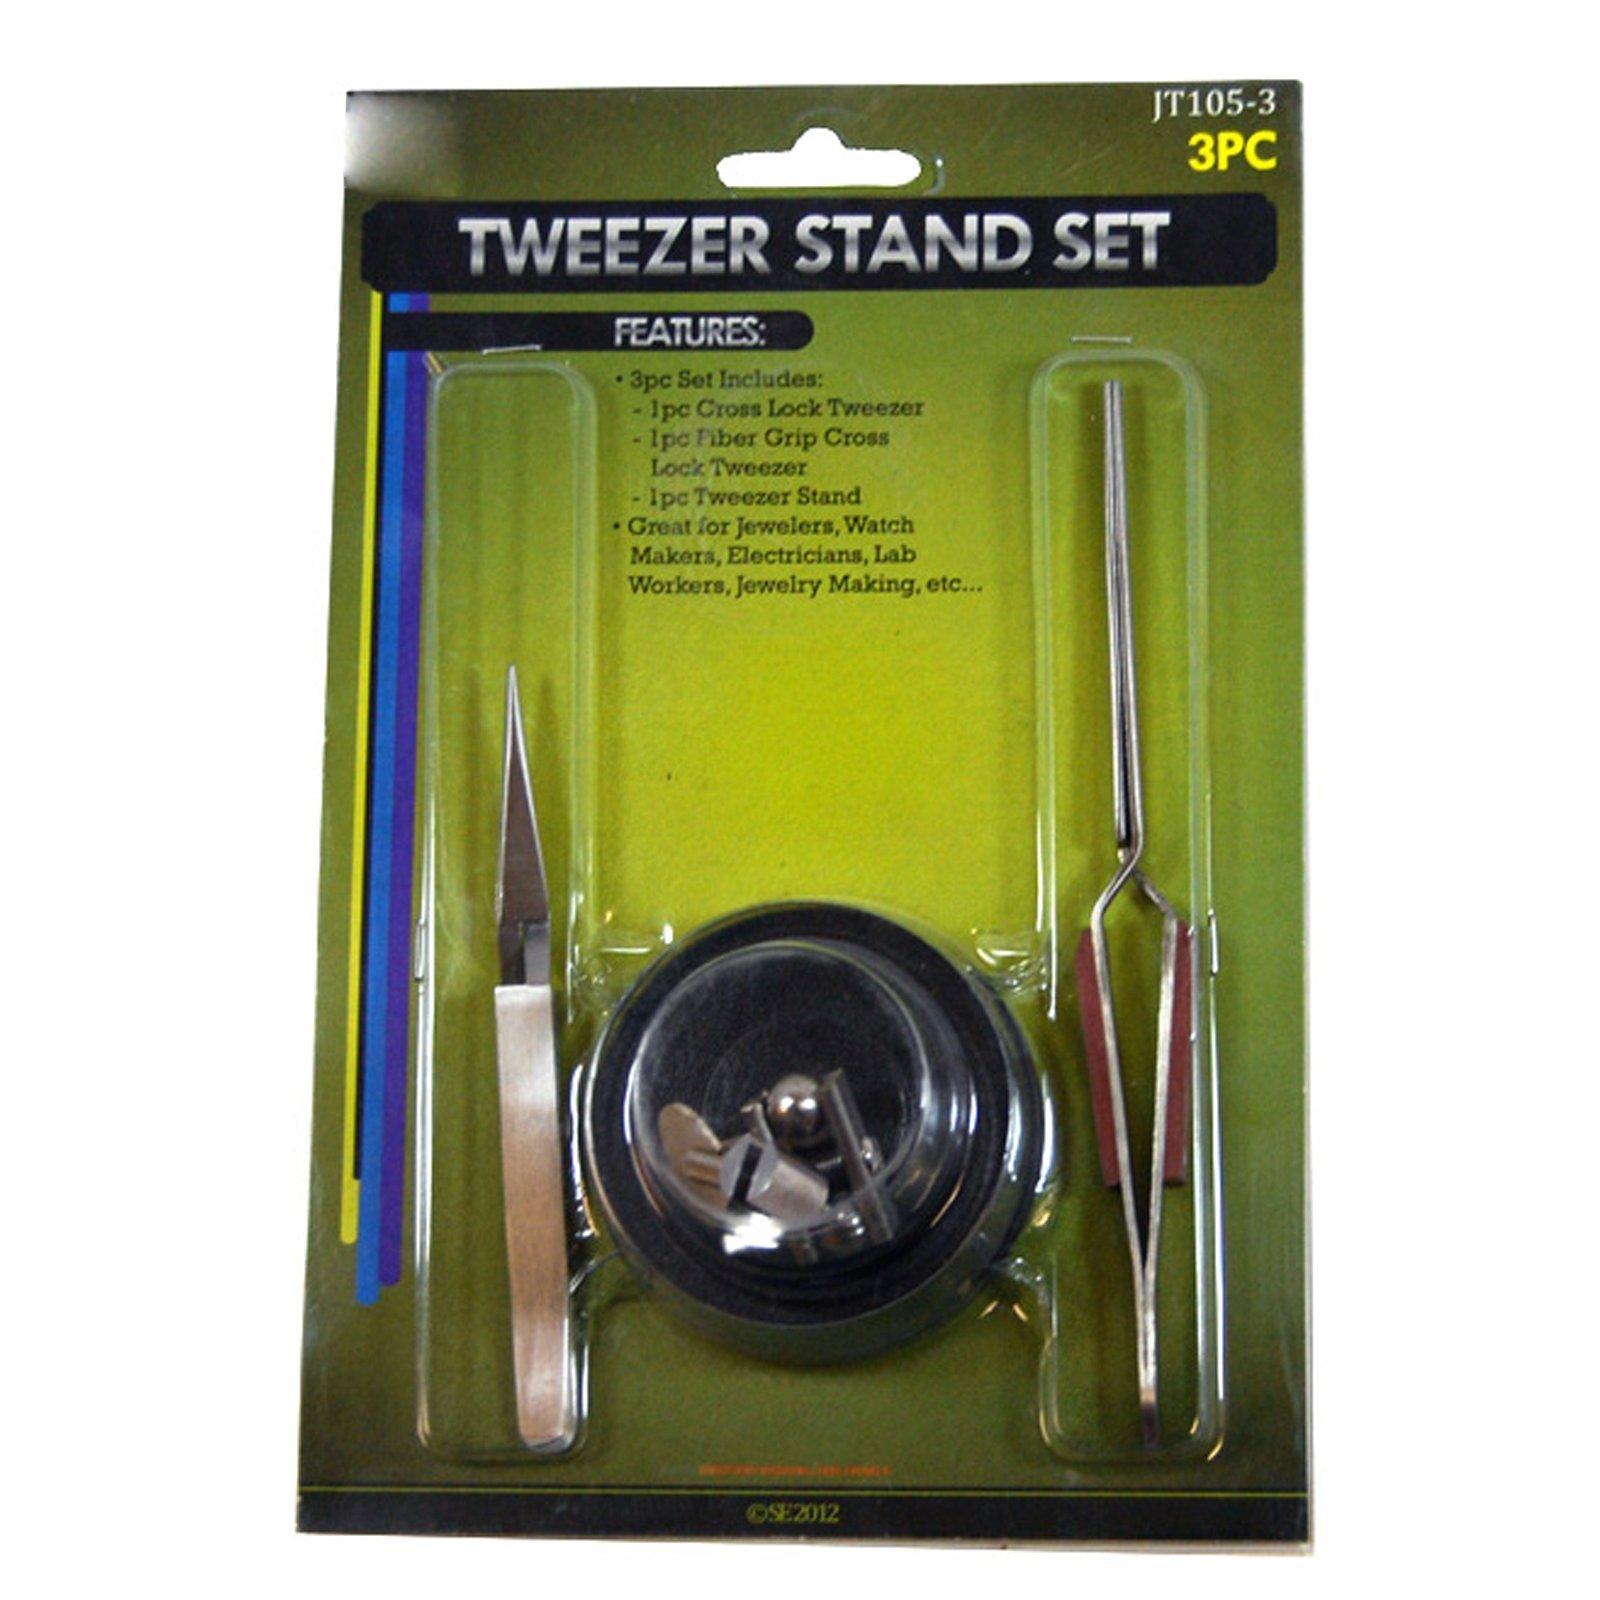 Universal Hobby Tweezer Stand Fiber Grip Cross Action Lock Tweezers Jewelry Tool